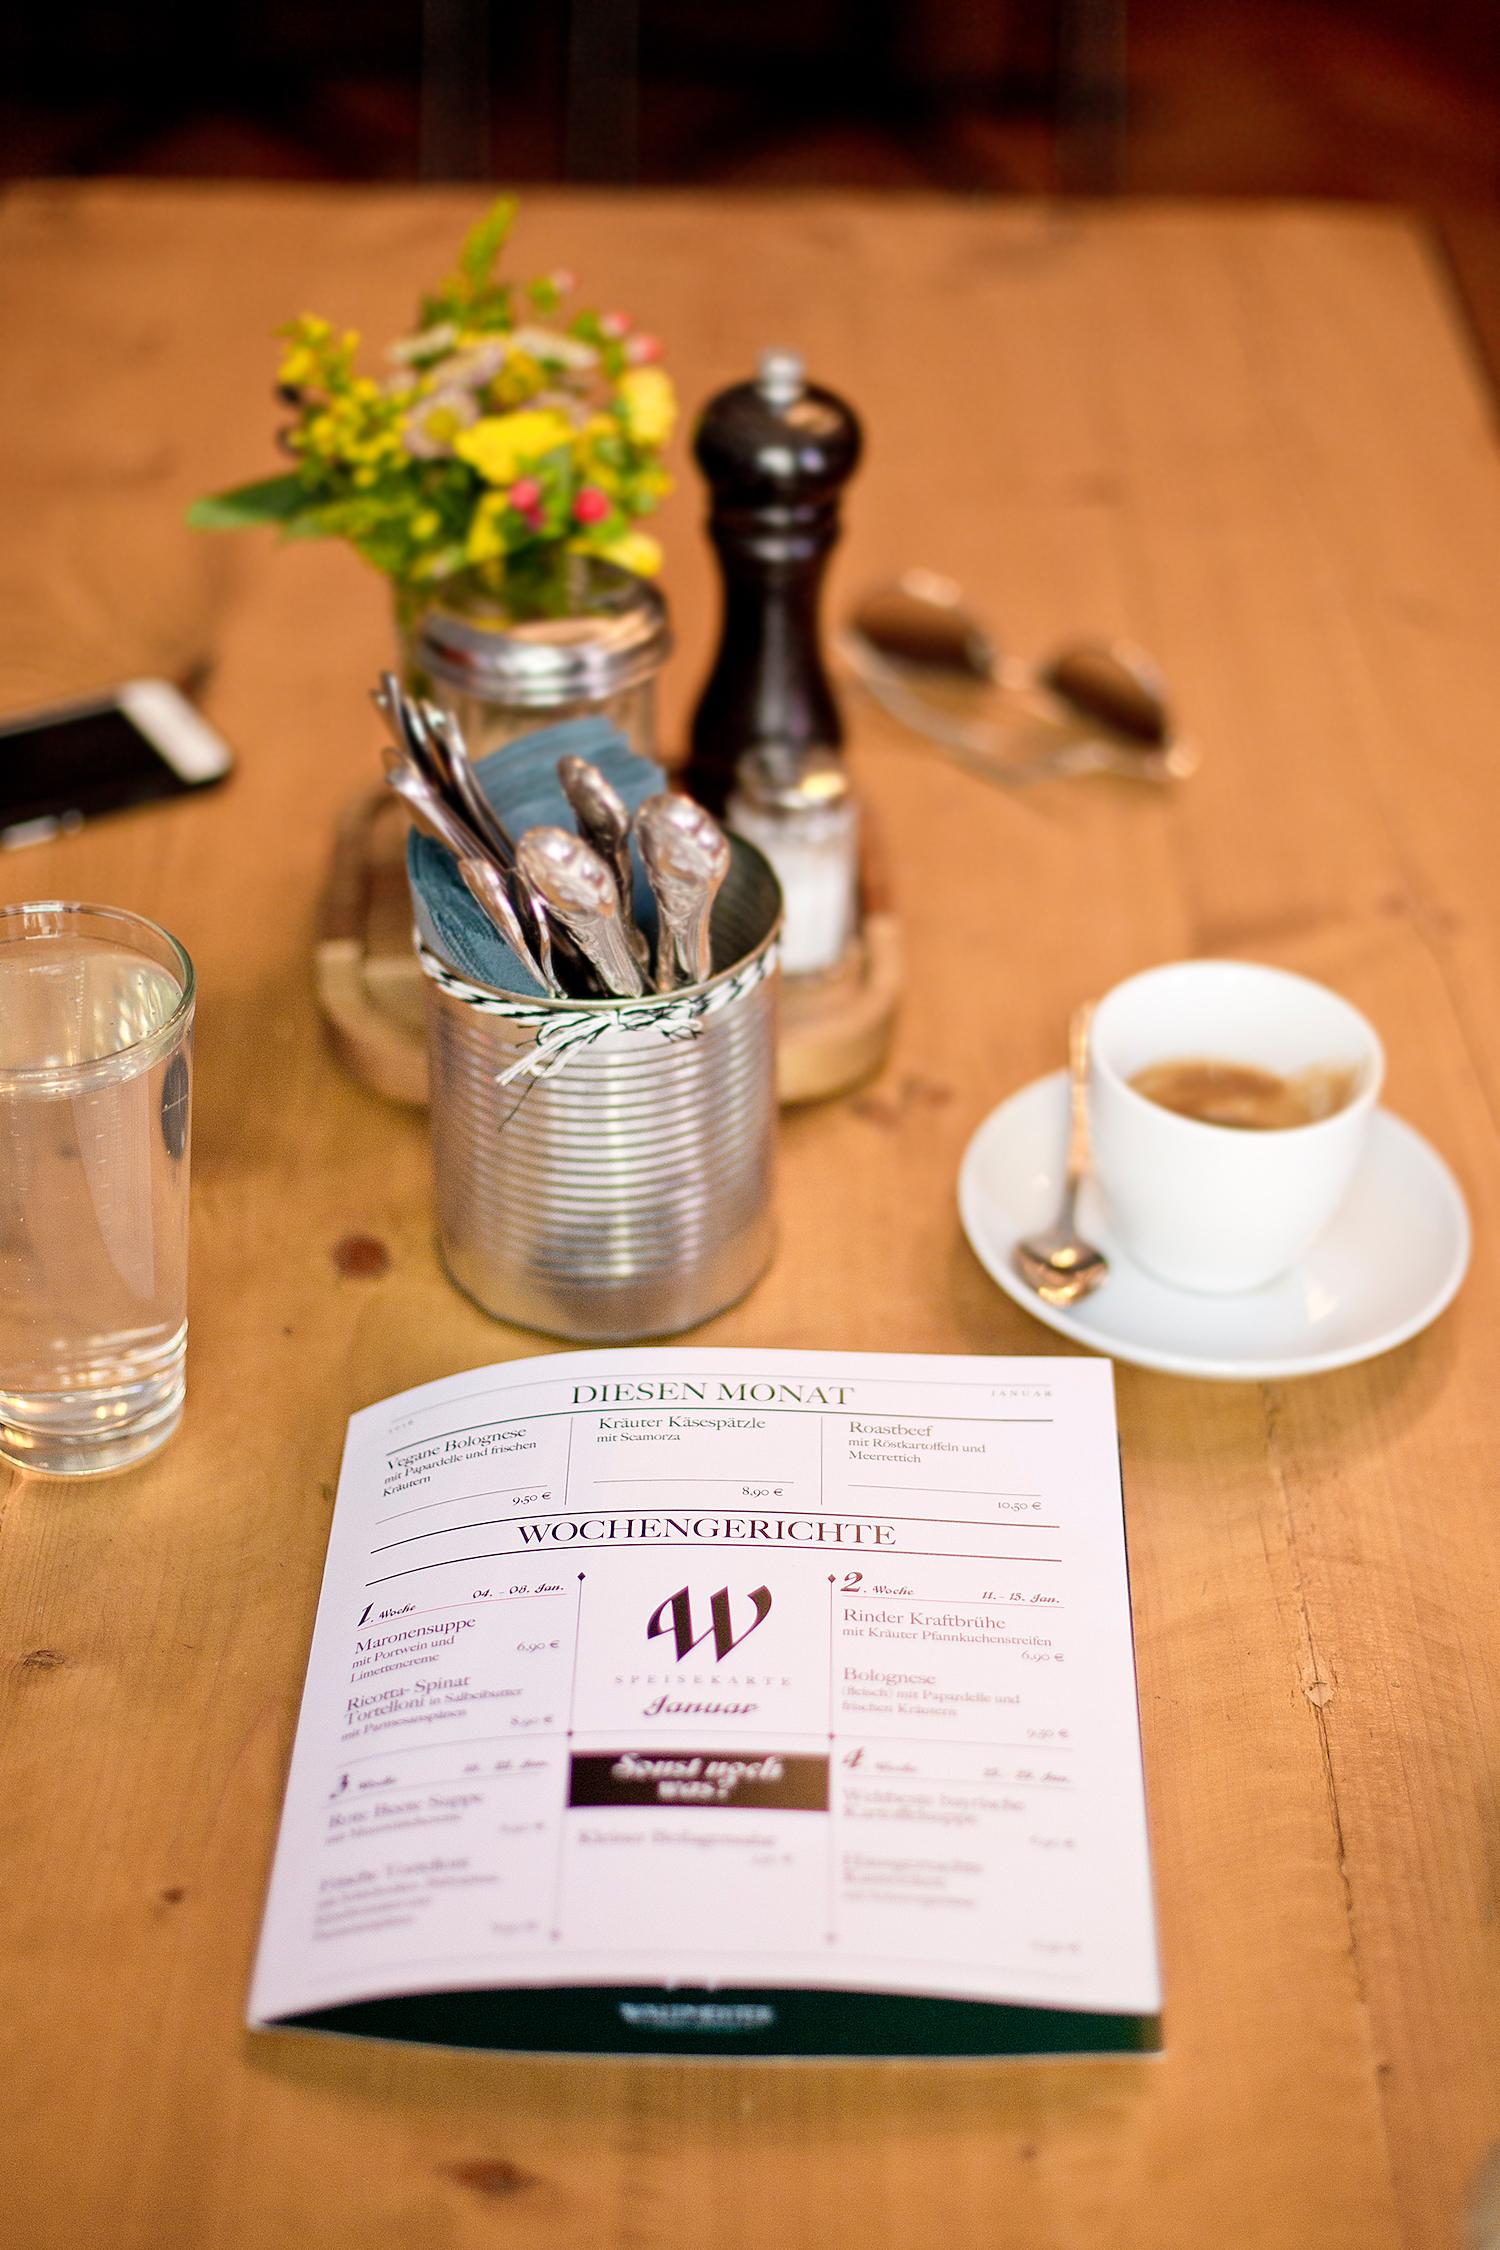 Waldmeister, Restaurants in Munich, Restaurants in München, Essen in München Eating in Munich, Munich Food